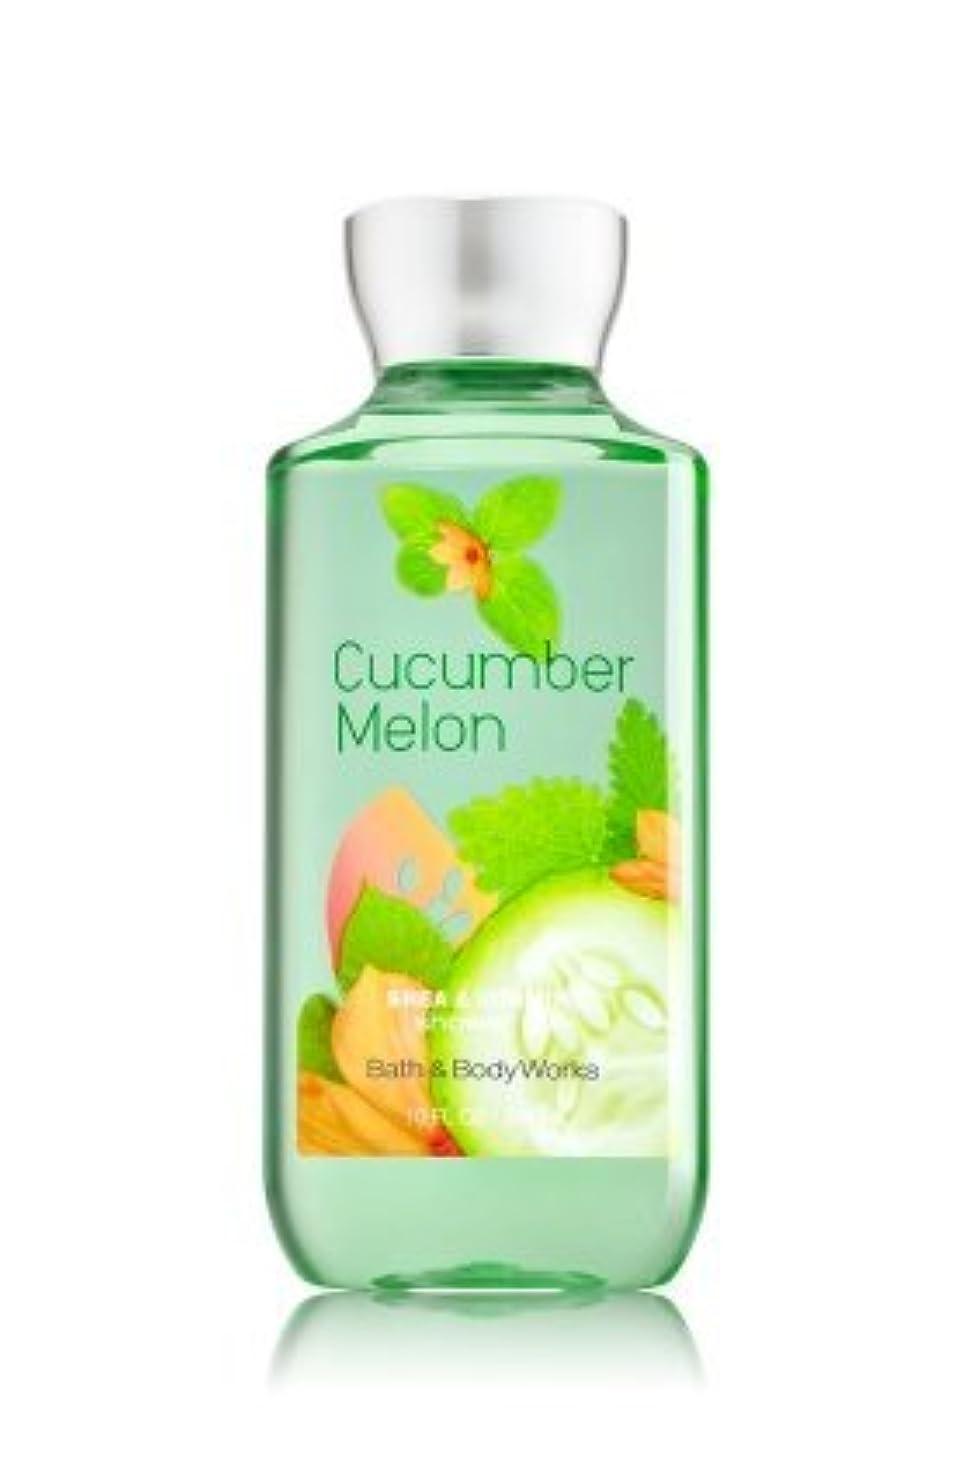 記念日だらしない眠いです【Bath&Body Works/バス&ボディワークス】 シャワージェル キューカンバーメロン Shower Gel Cucumber Melon 10 fl oz / 295 mL [並行輸入品]